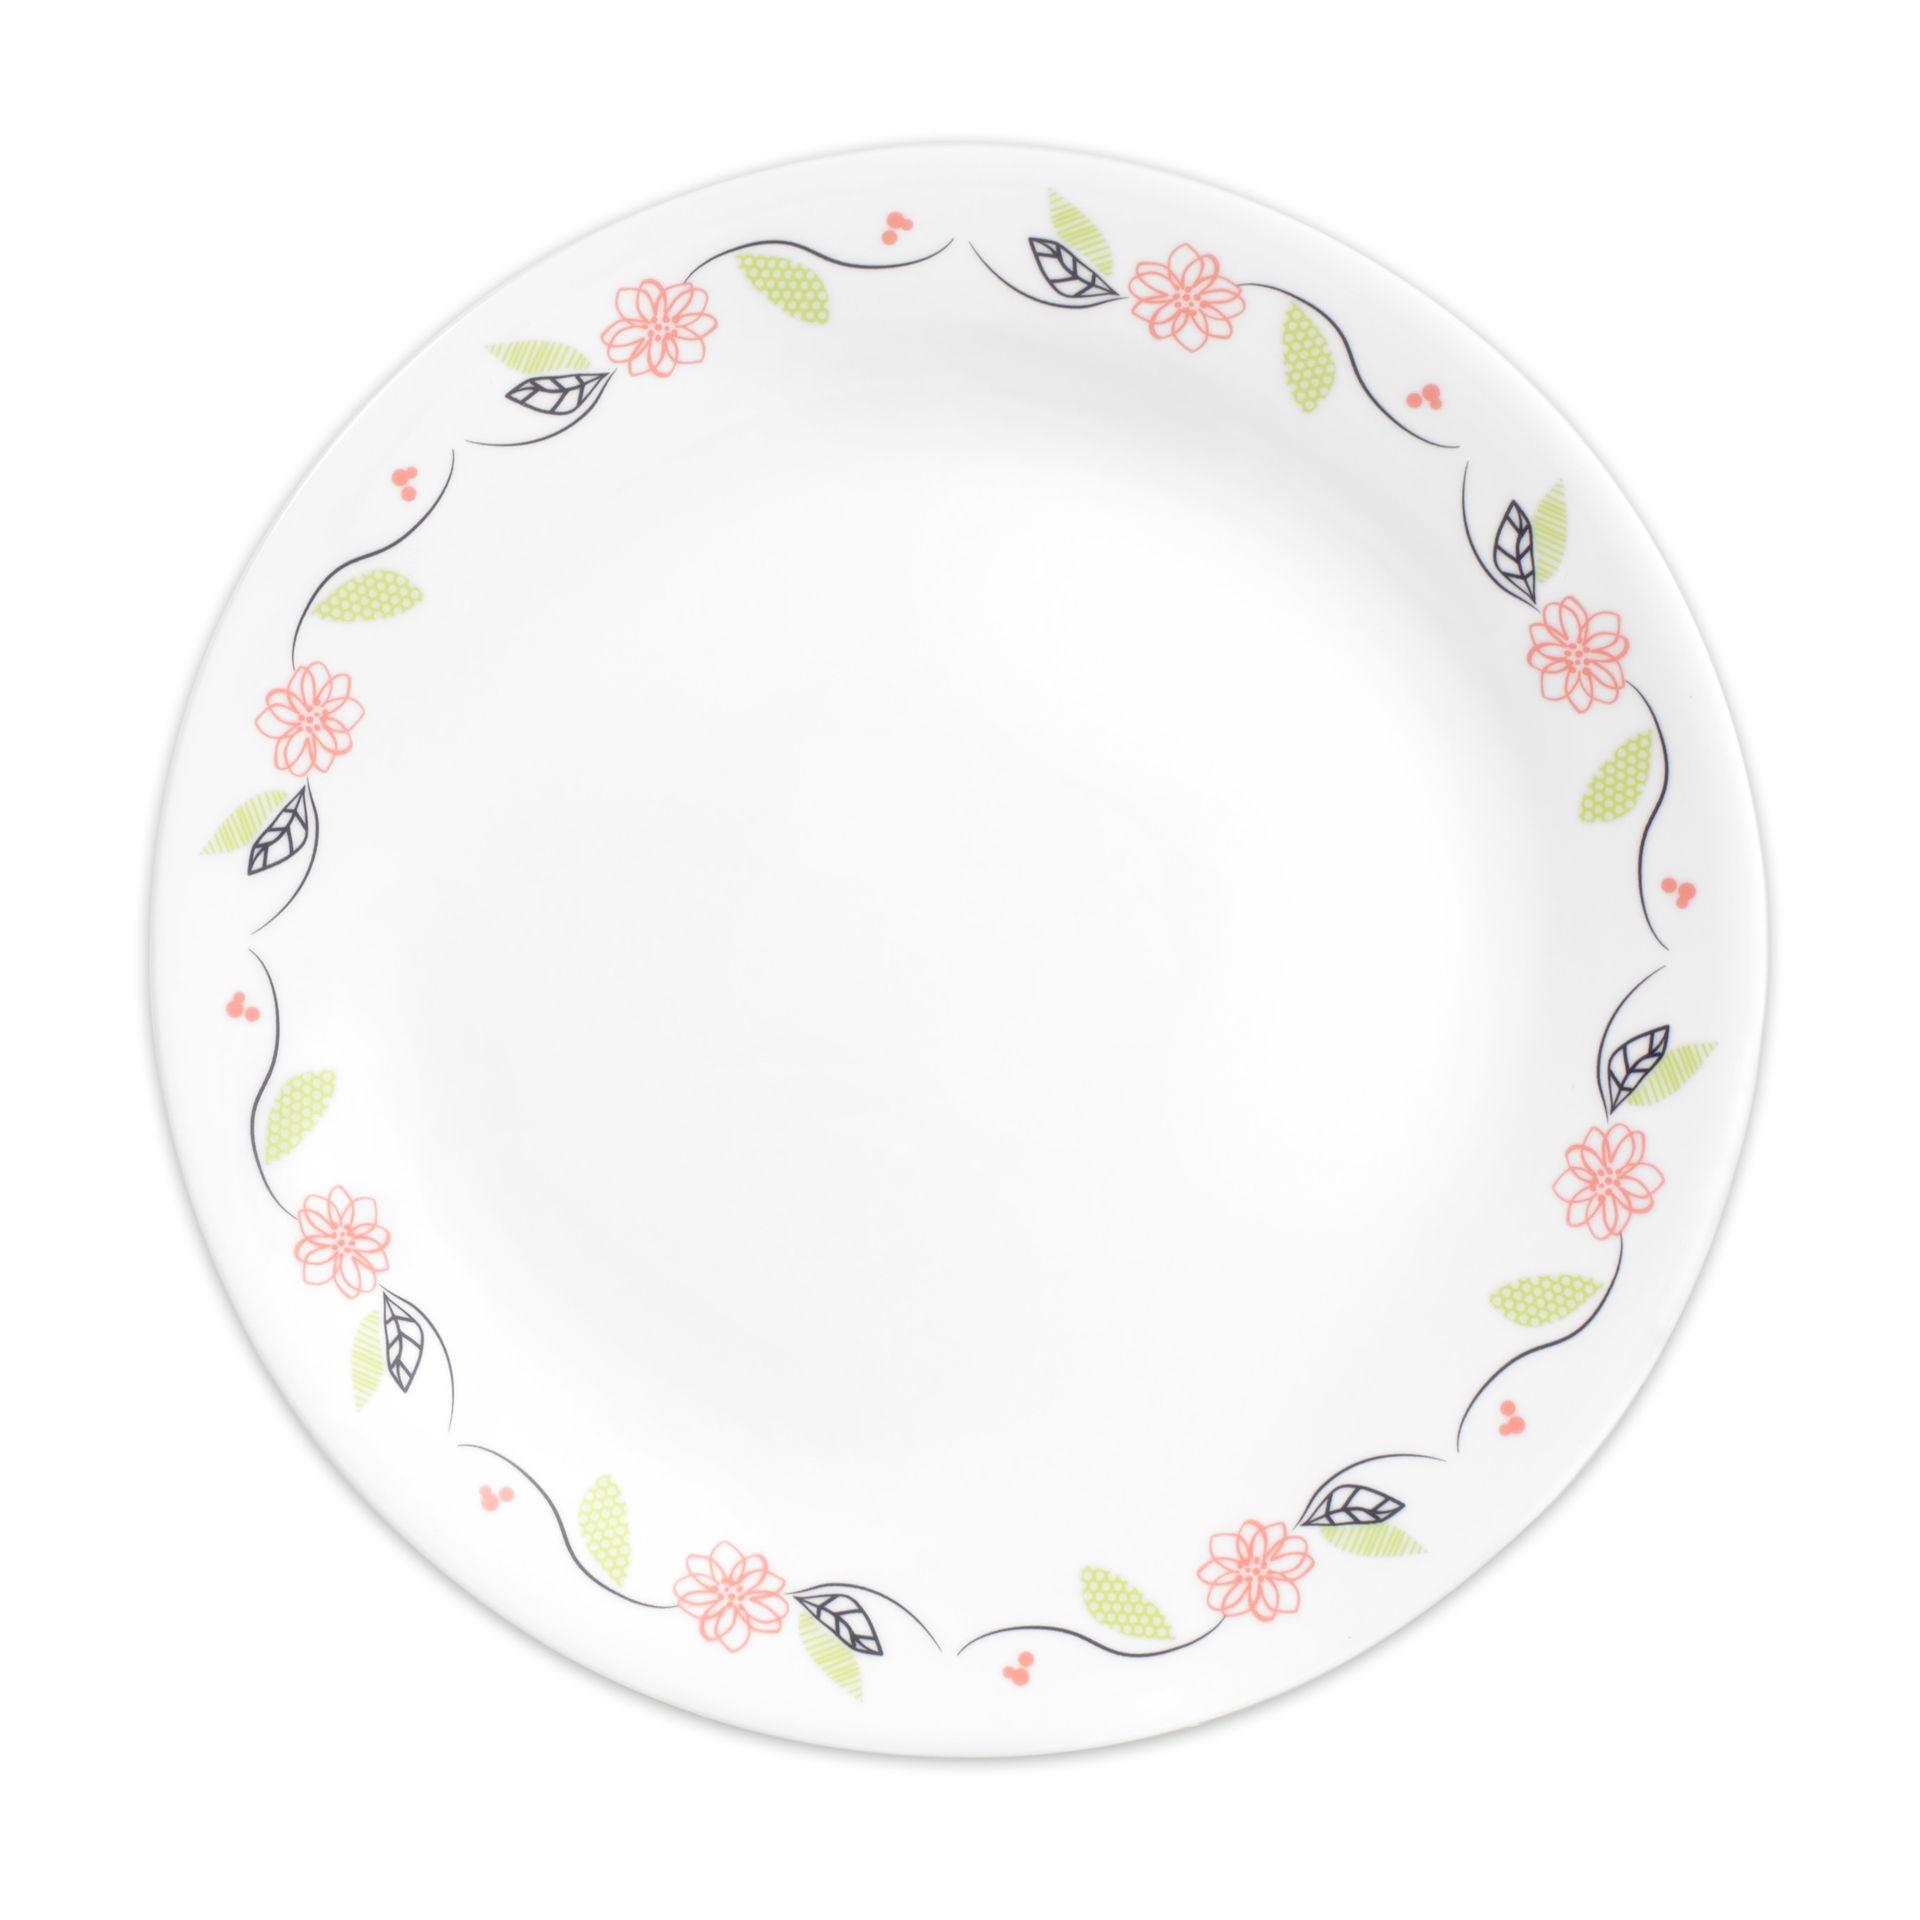 Corelle Тарелка обеденная 25 см Tangerine Garden фото